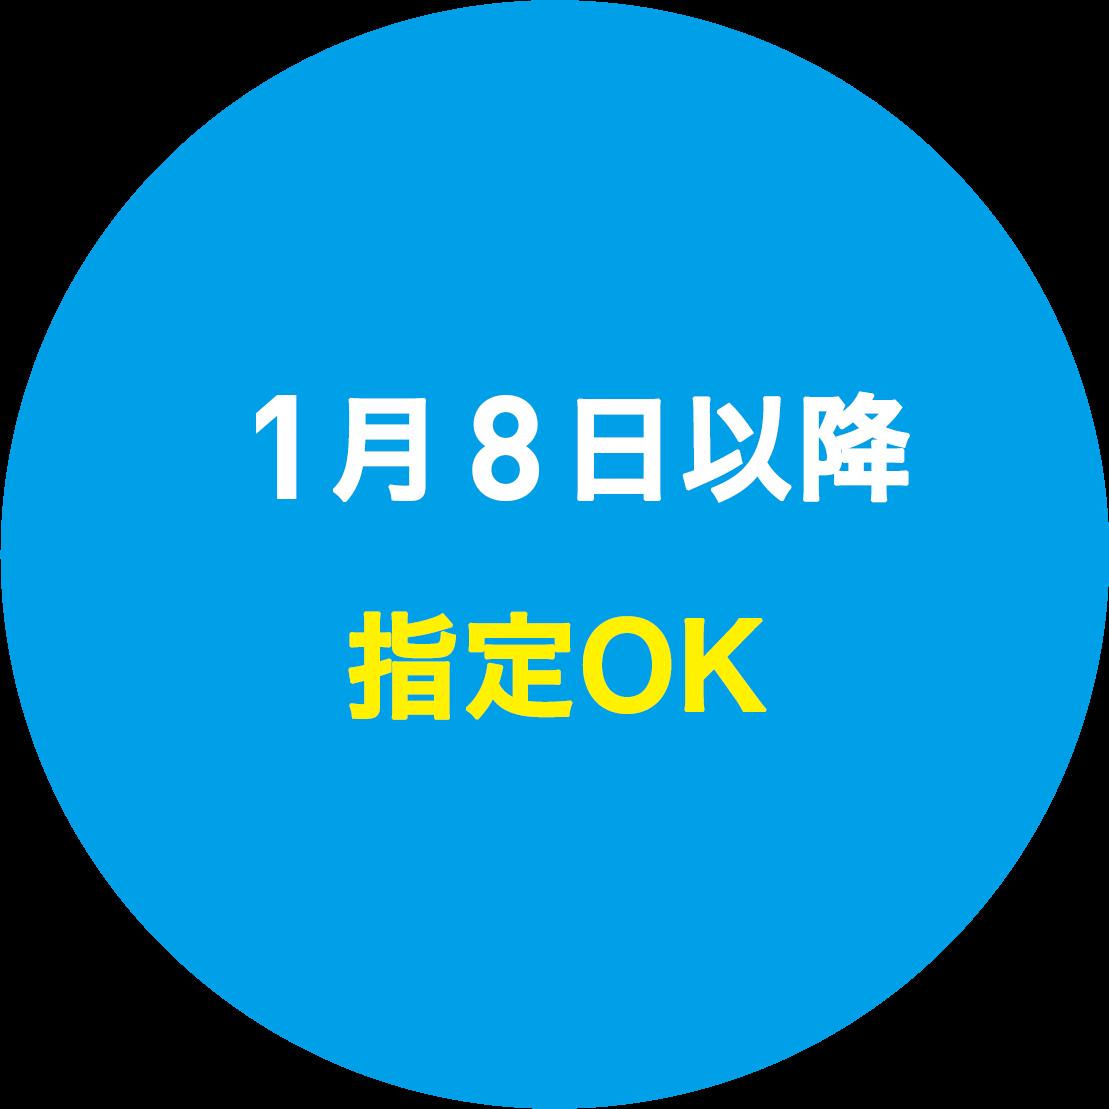 12月15日以降納期指定OK